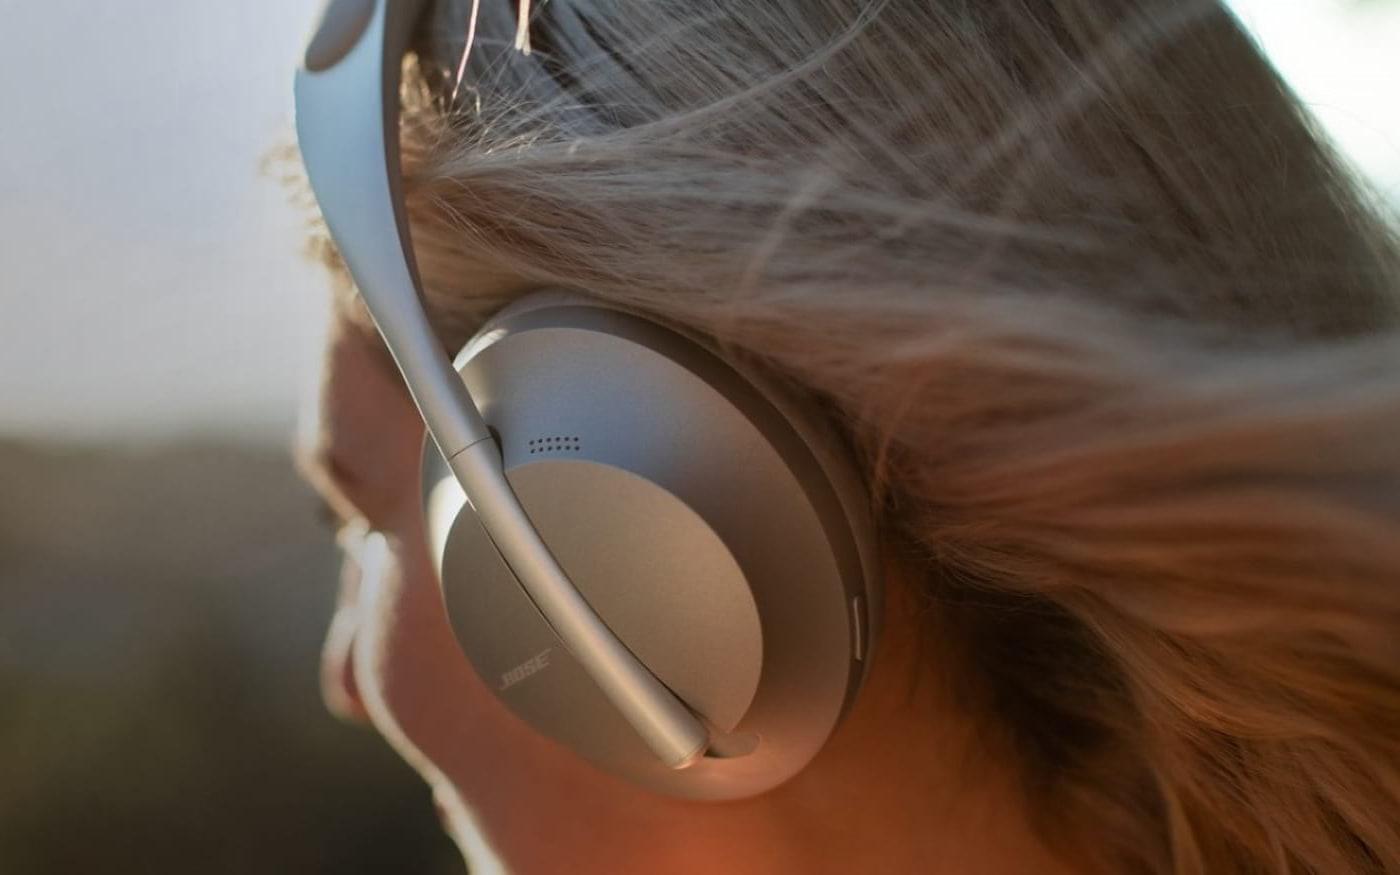 Bose anuncia novos fones de ouvido sem fio com cancelamento de ruído por US$ 399